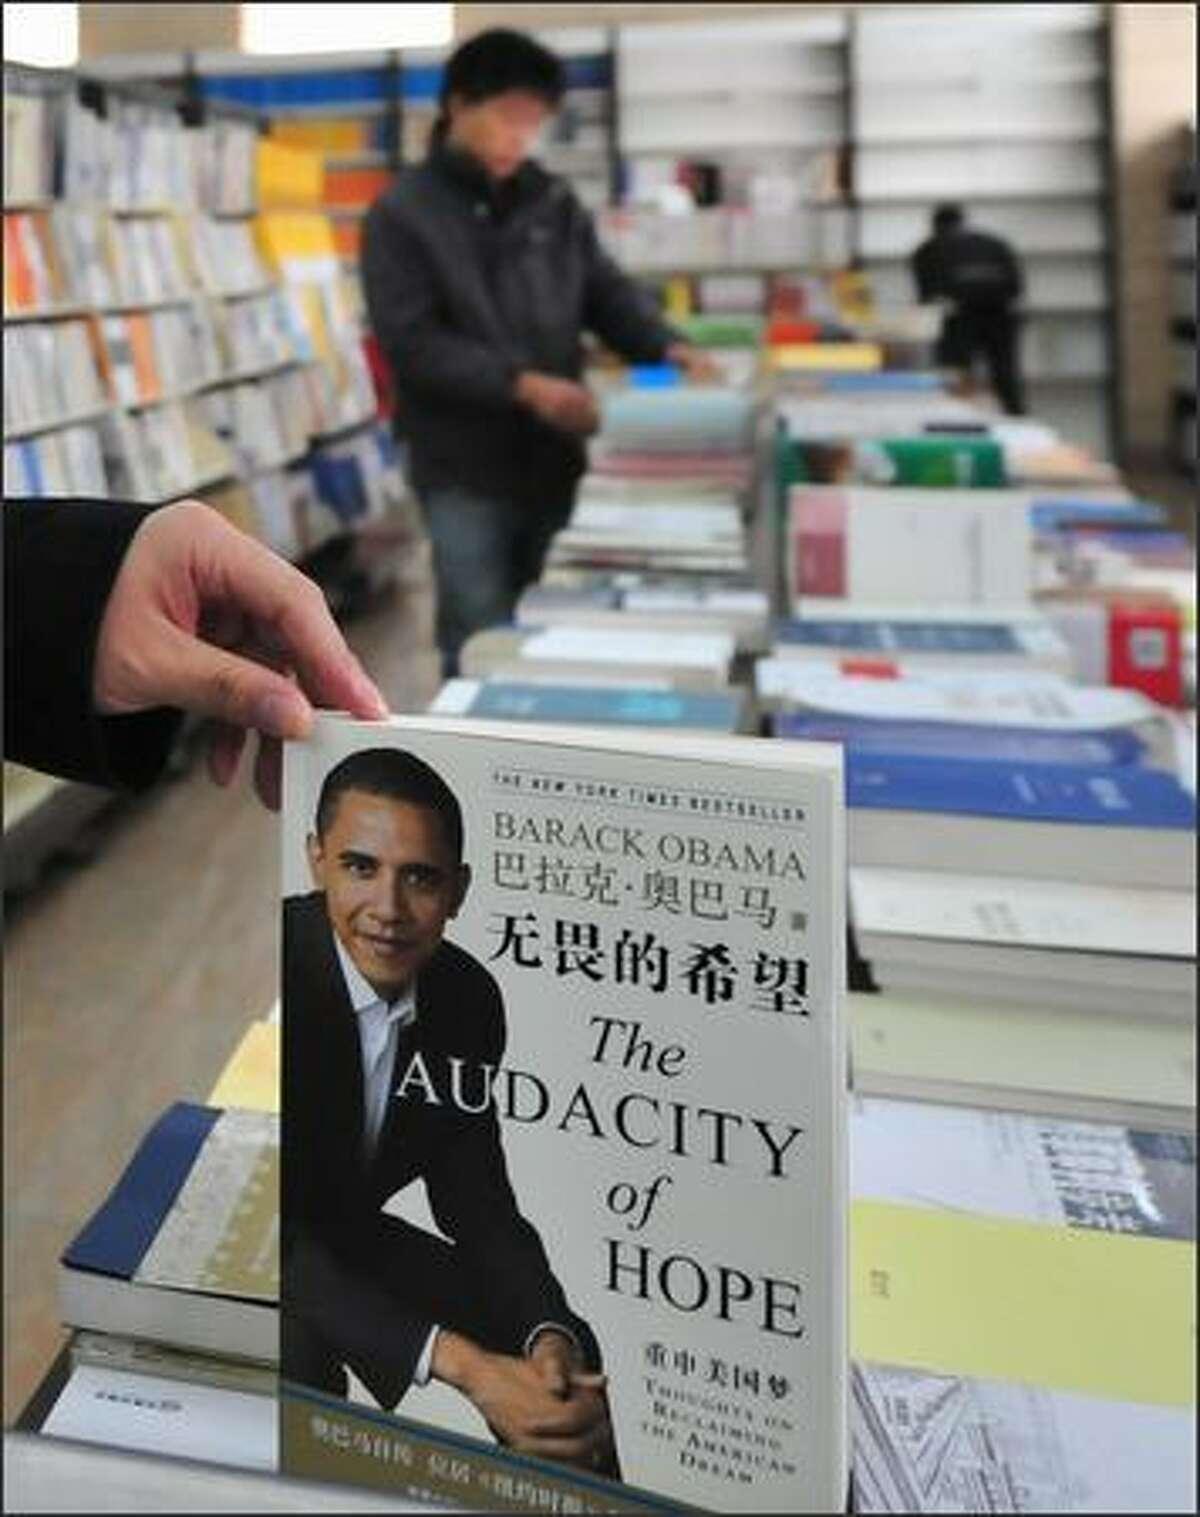 US President-elect Barack Obama's book